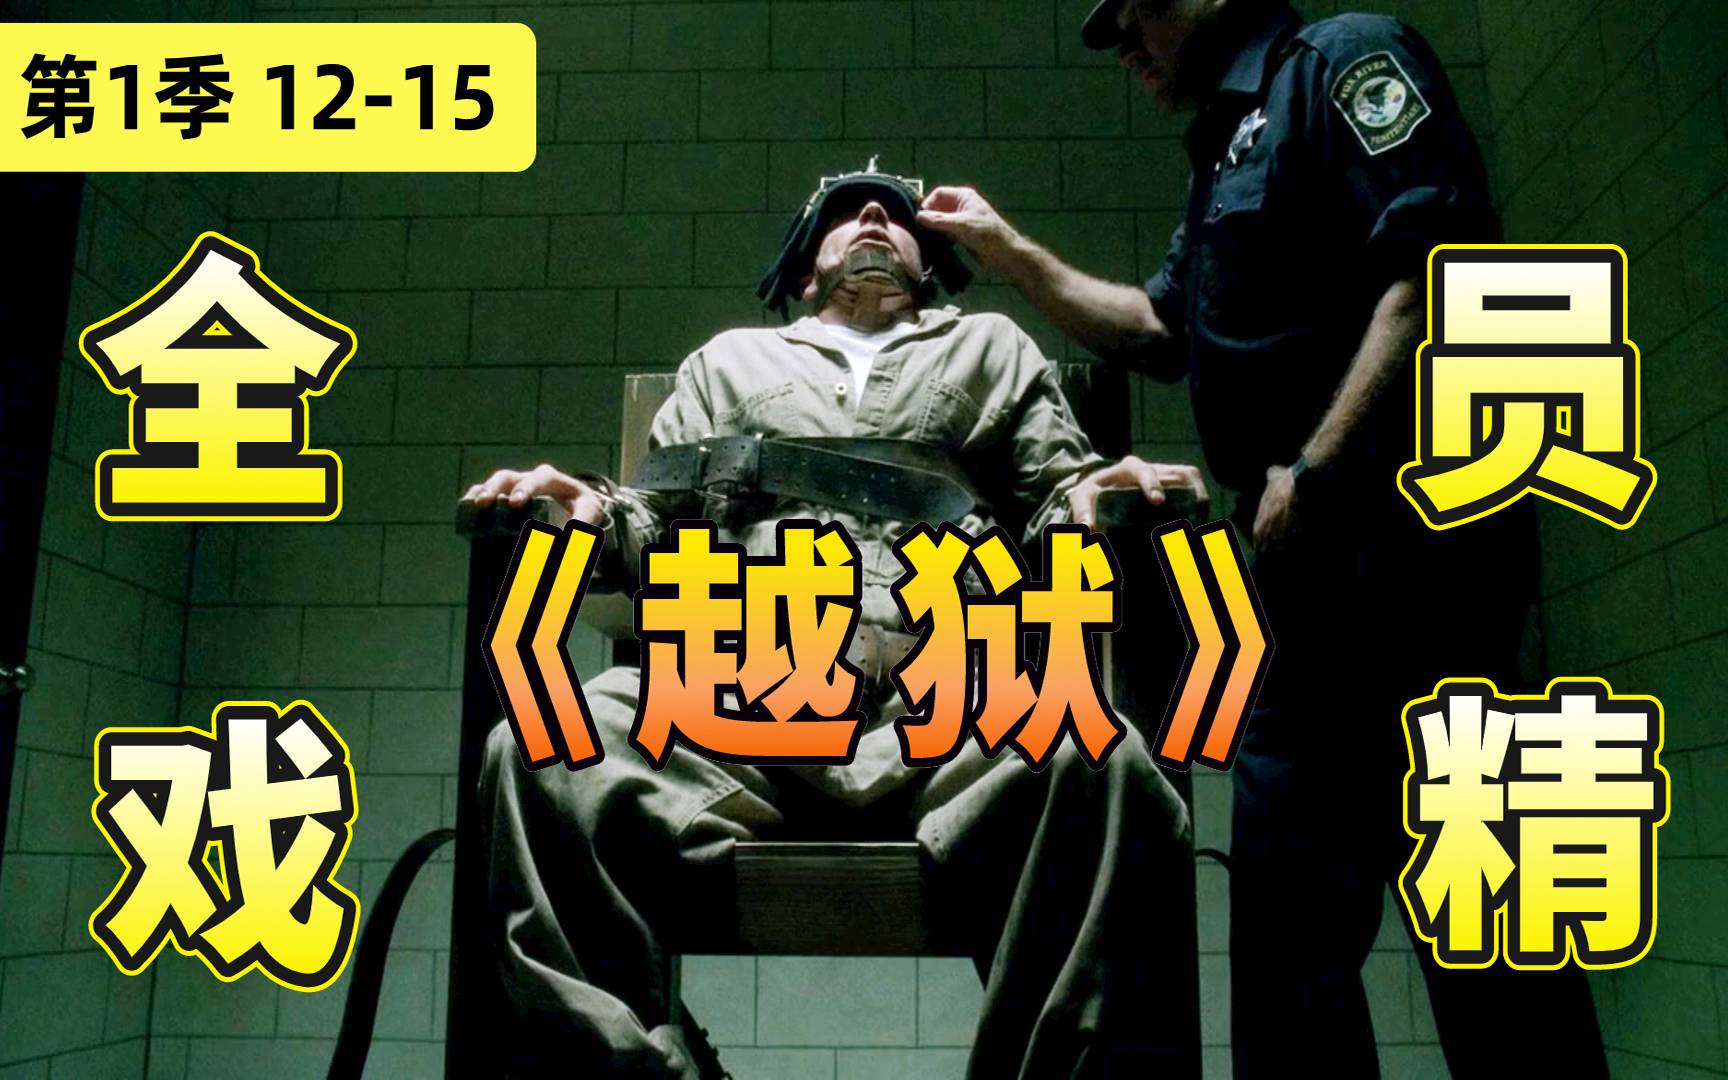 【阿斗】越狱小队首战,全程紧张到窒息!美剧《越狱》第一季12-15集全解读